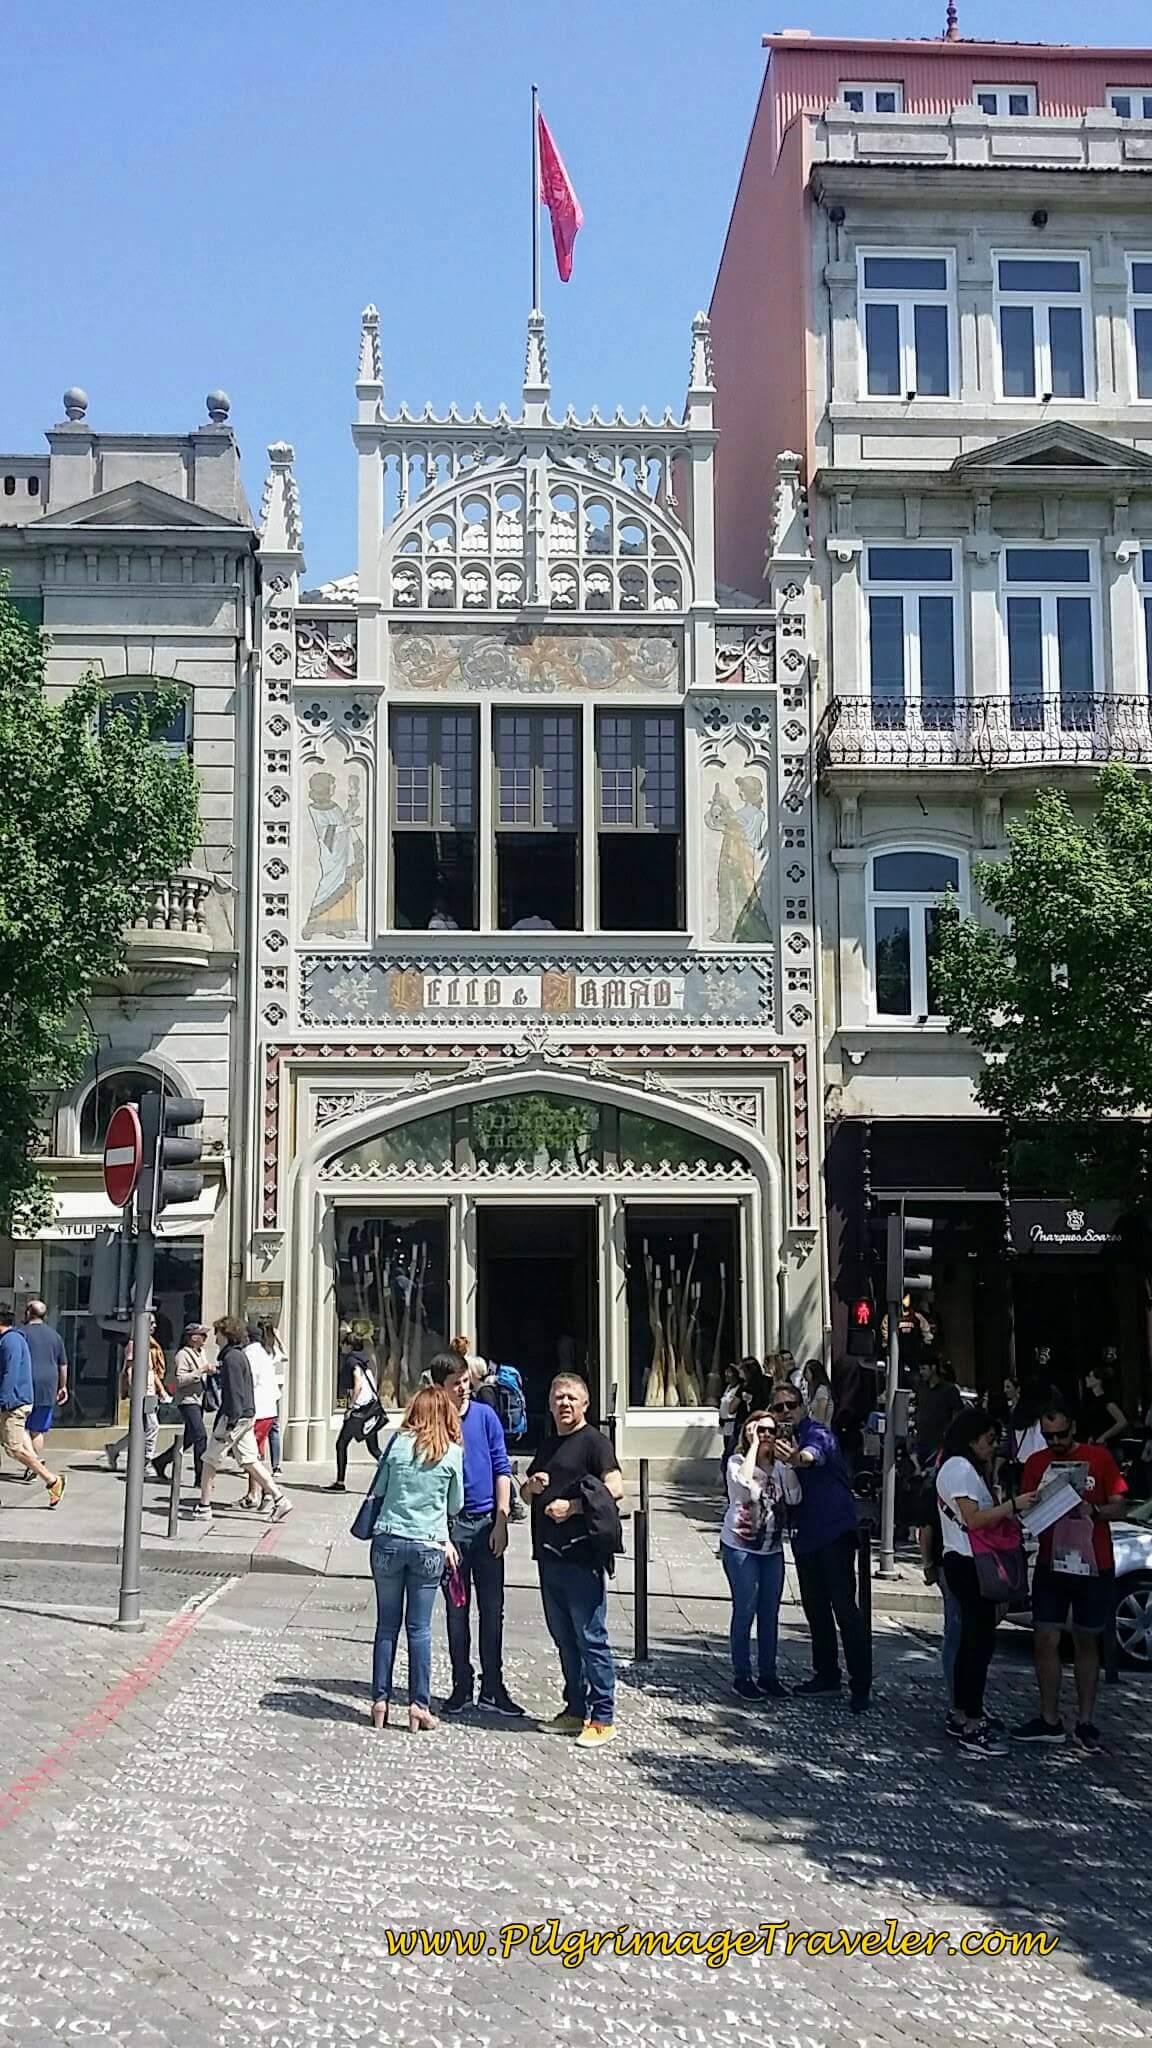 Livraria Lello & Irmão in Porto, Portugal